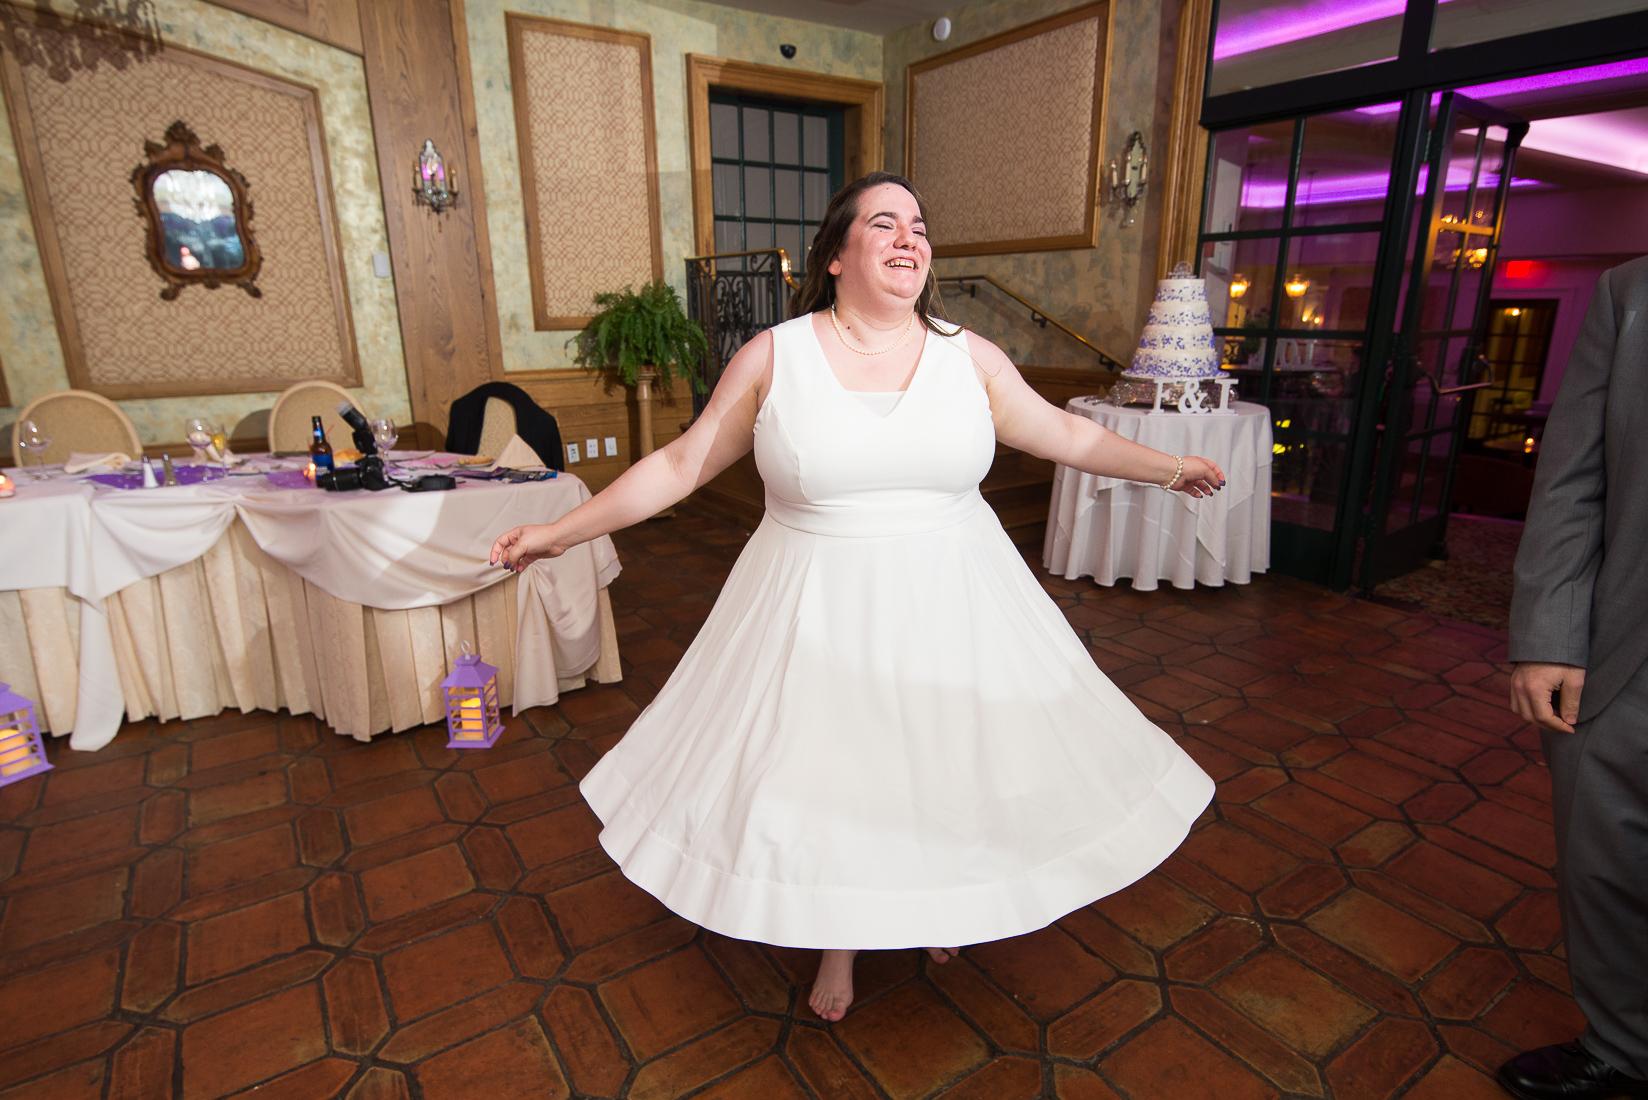 Manor-SouthOrange-NJ-wedding-0044.jpg